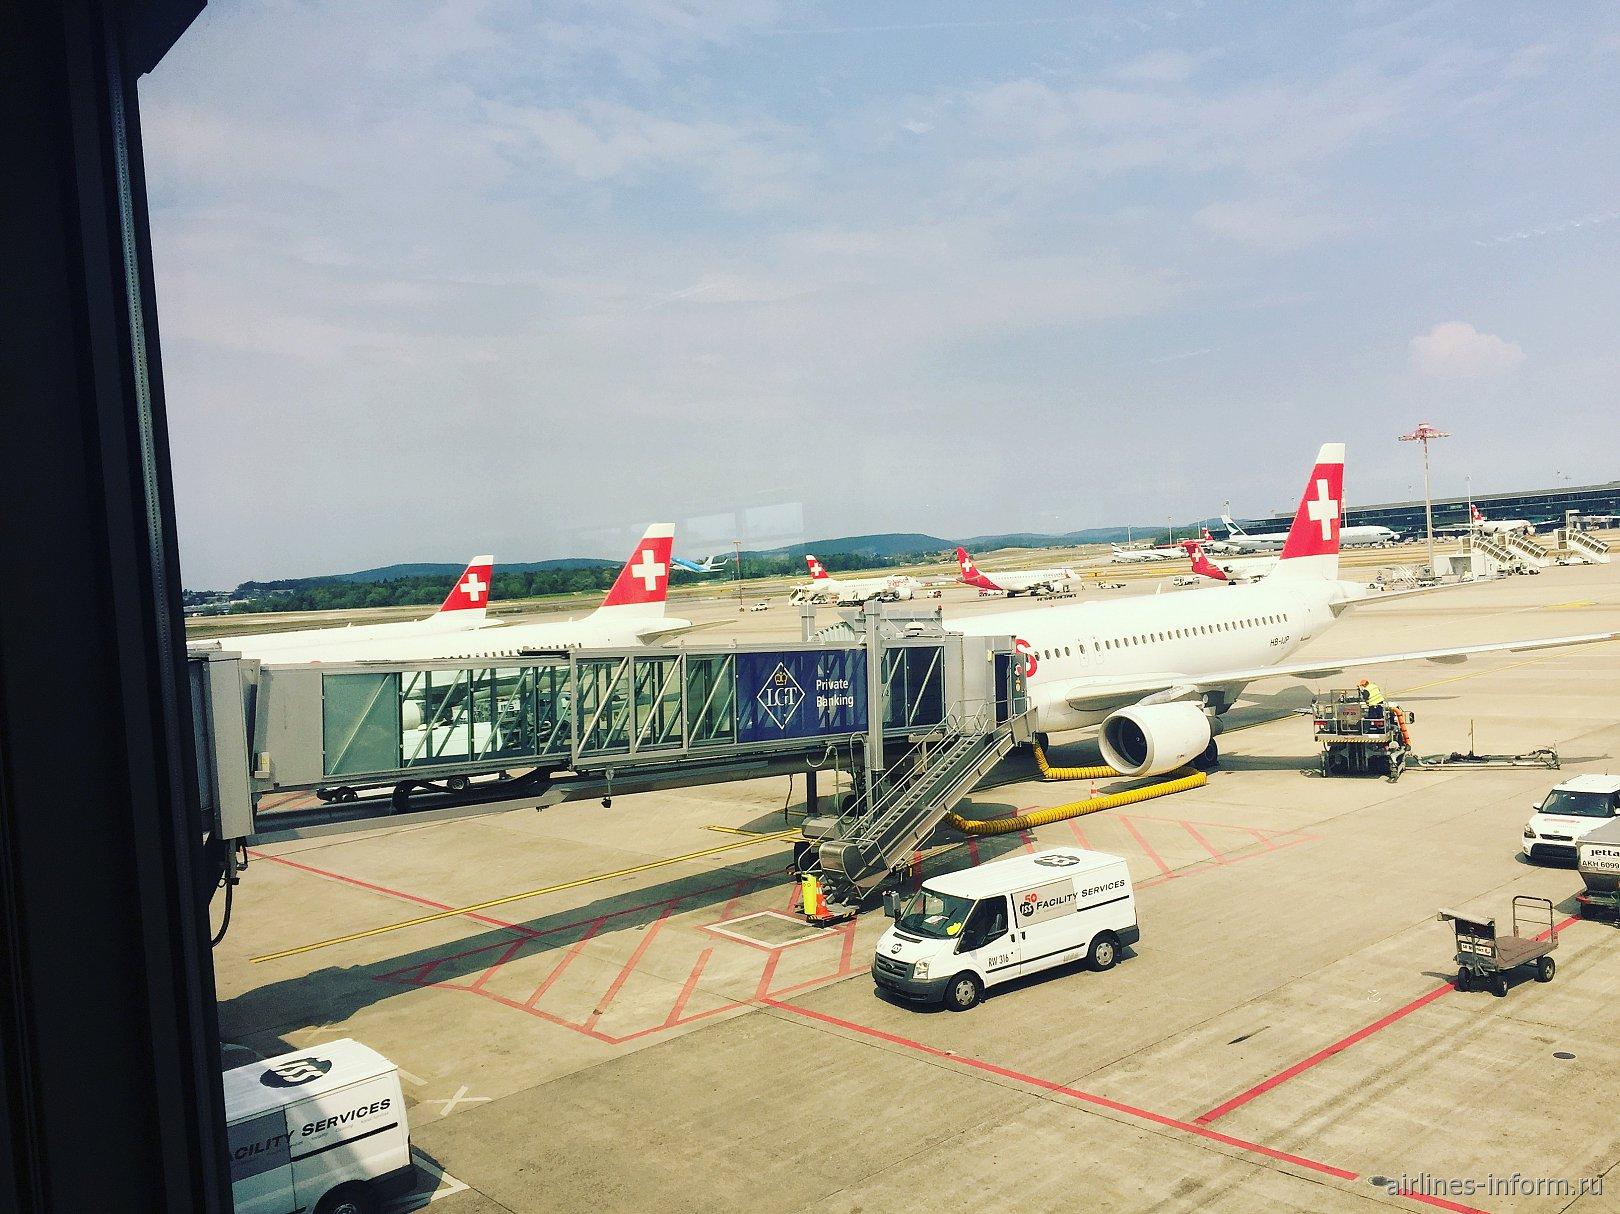 «Из немецко-итальянских записок..». Часть 4: Цюрих - Гамбург со Swiss: рай для споттеров и долгожданное прибытие